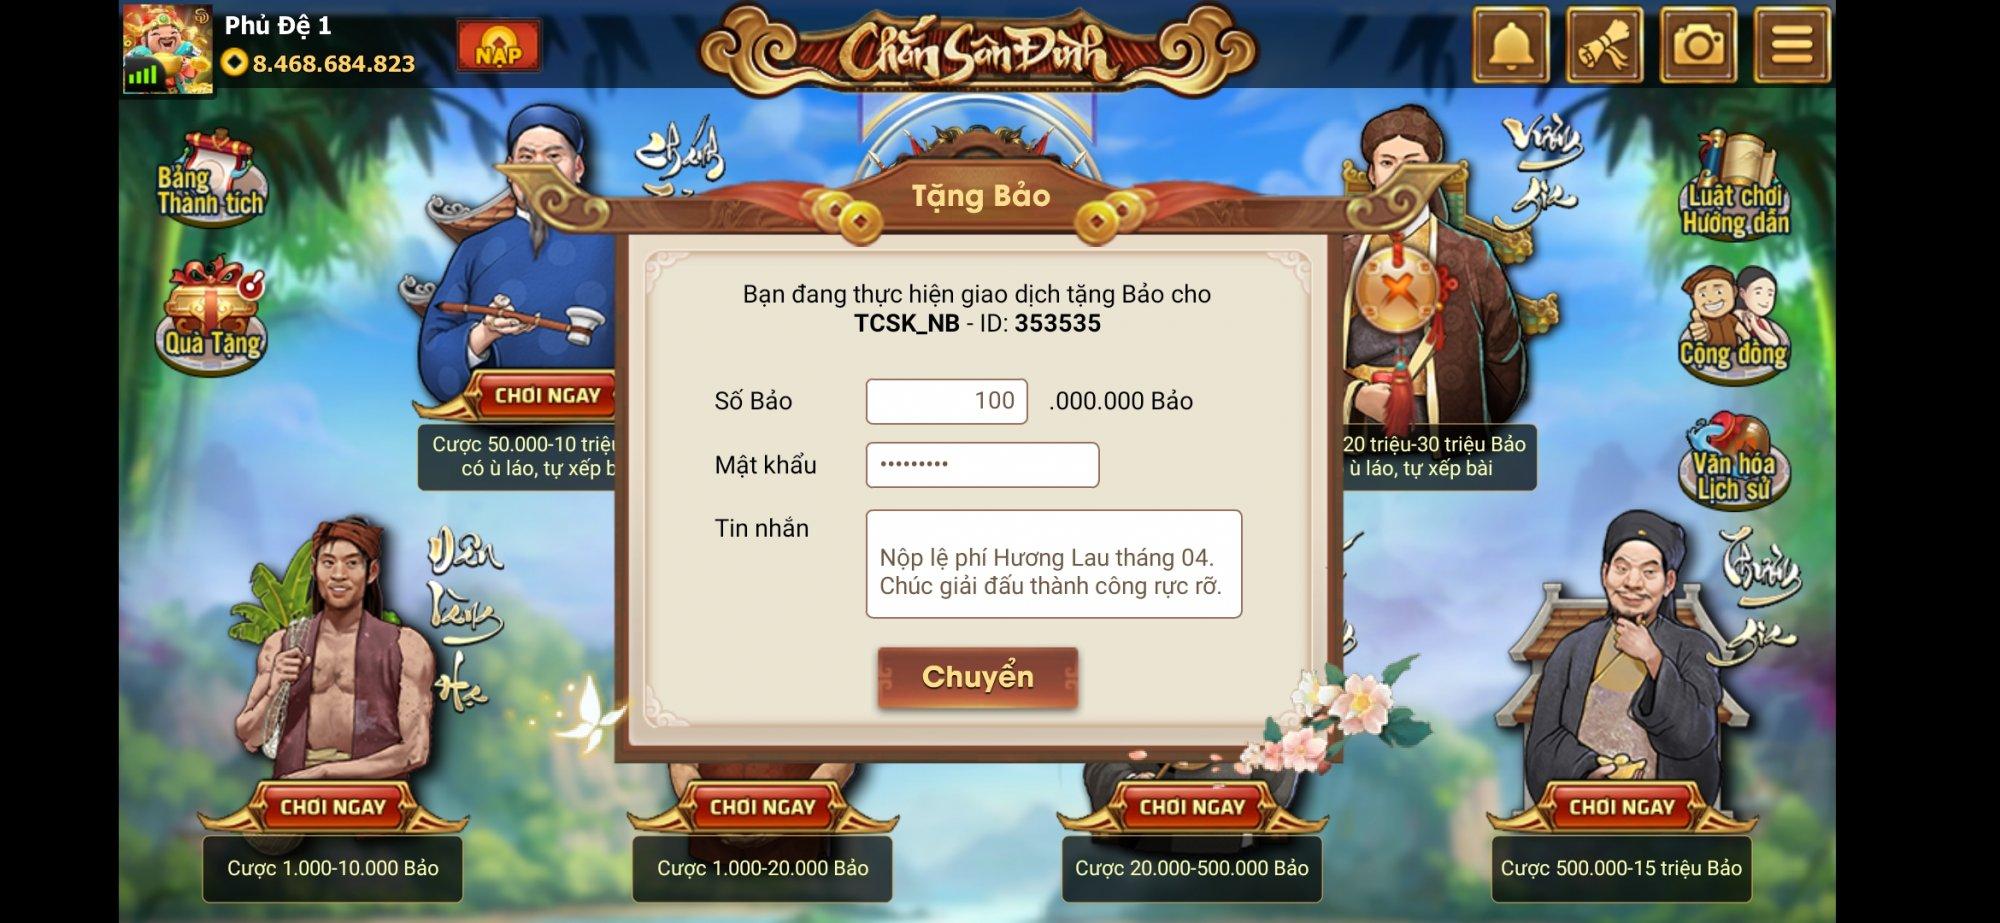 Screenshot_2021-04-05-16-10-59-717_com.vietsao.chandangian.